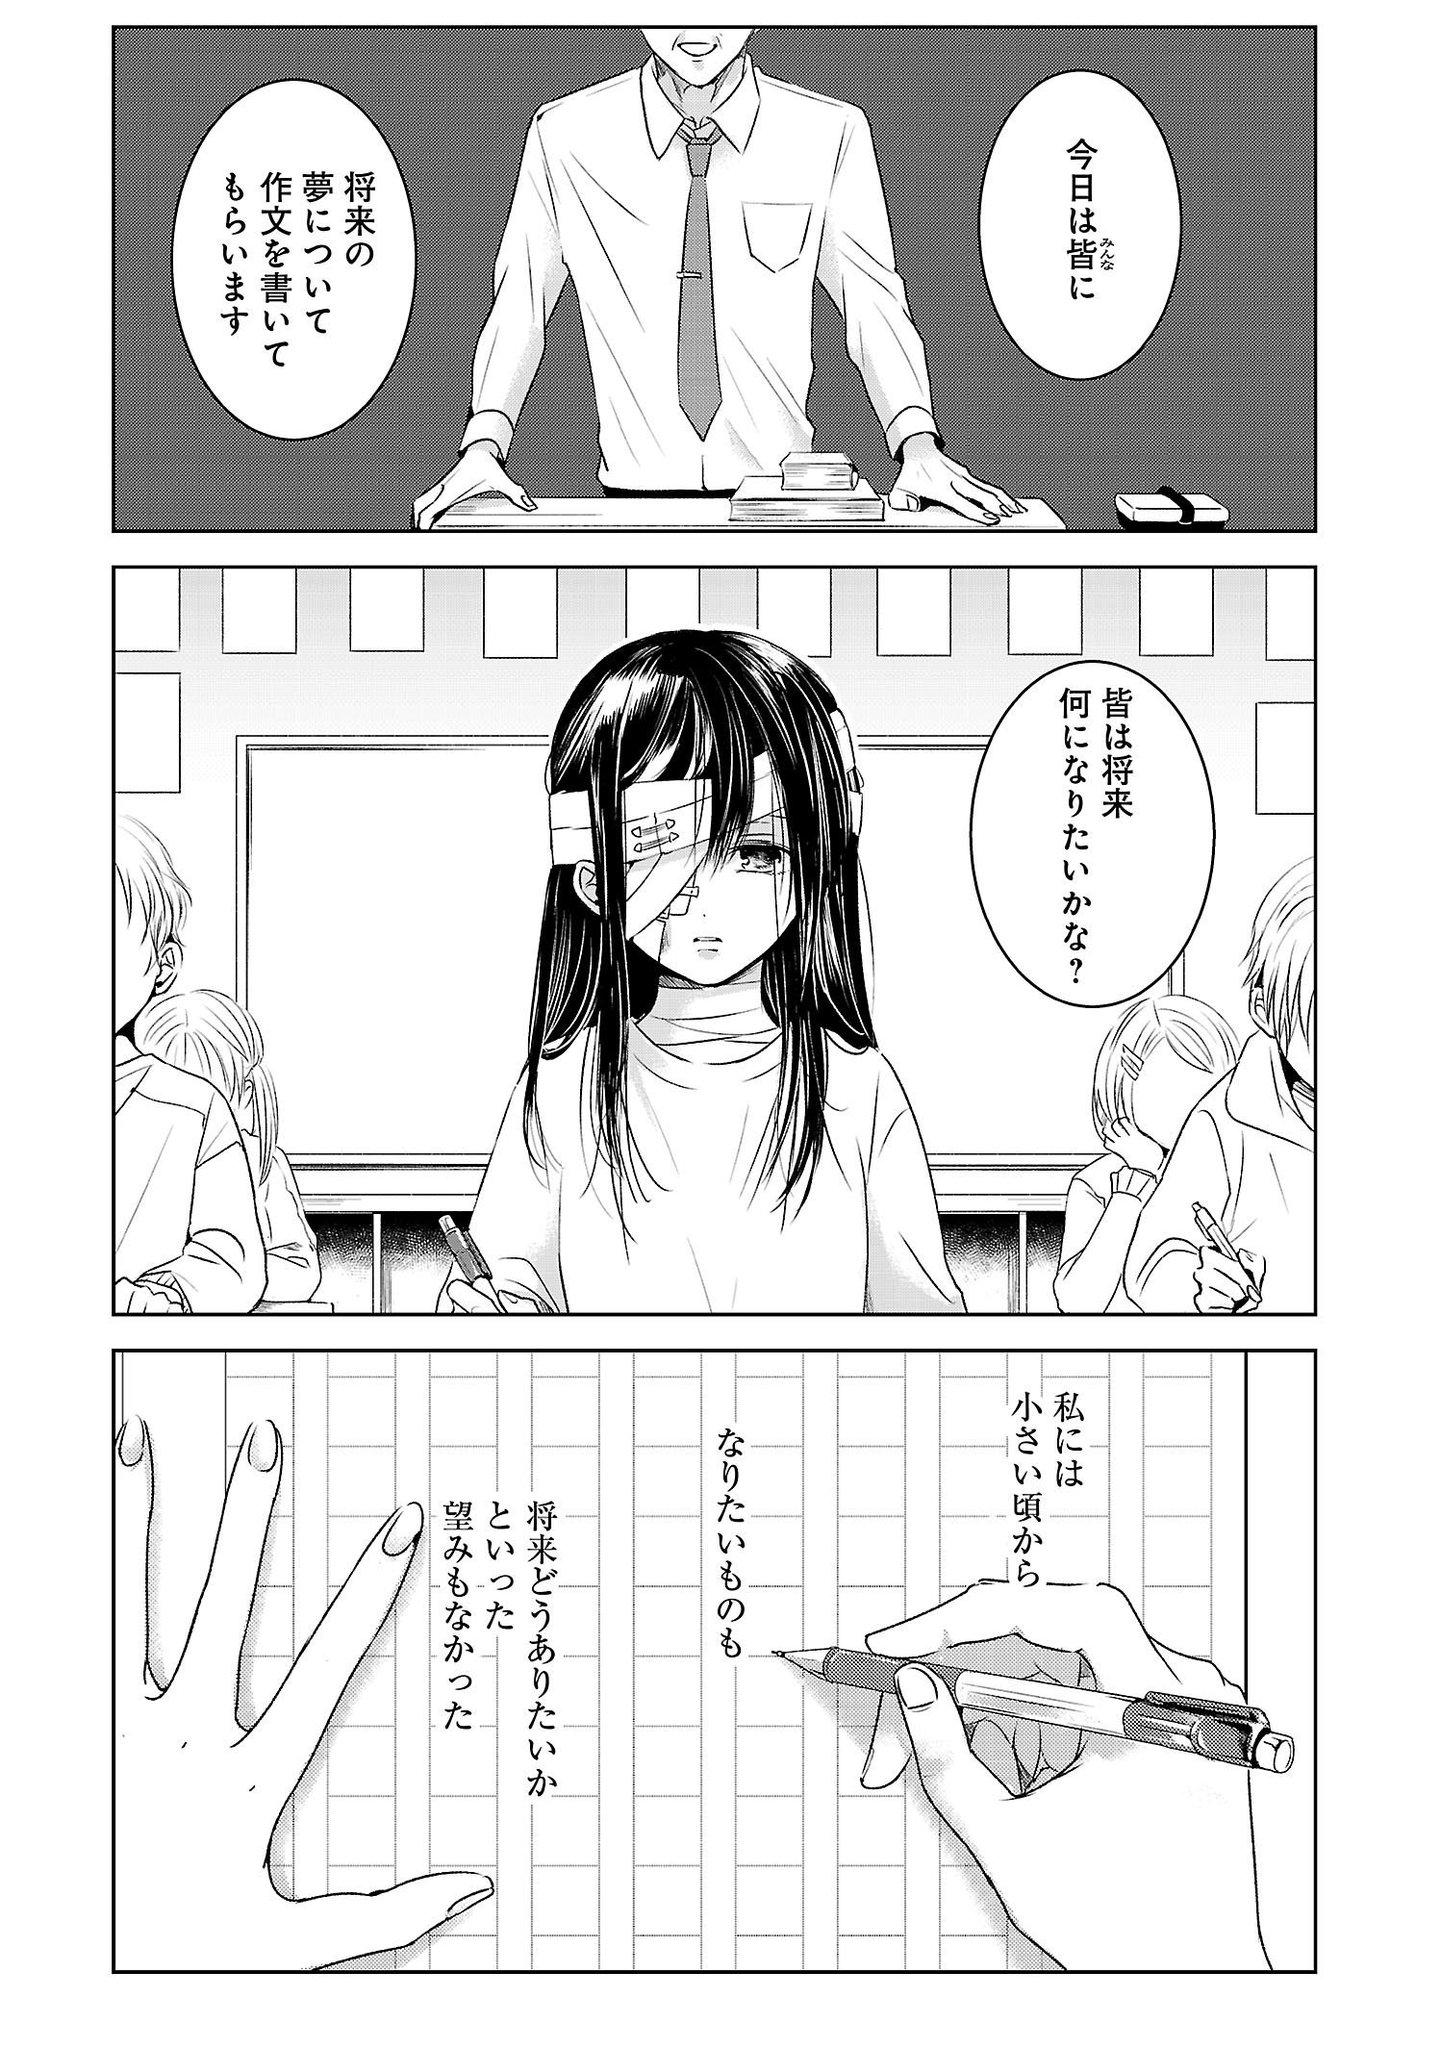 女子大生がレンタルされる話 (1/11)